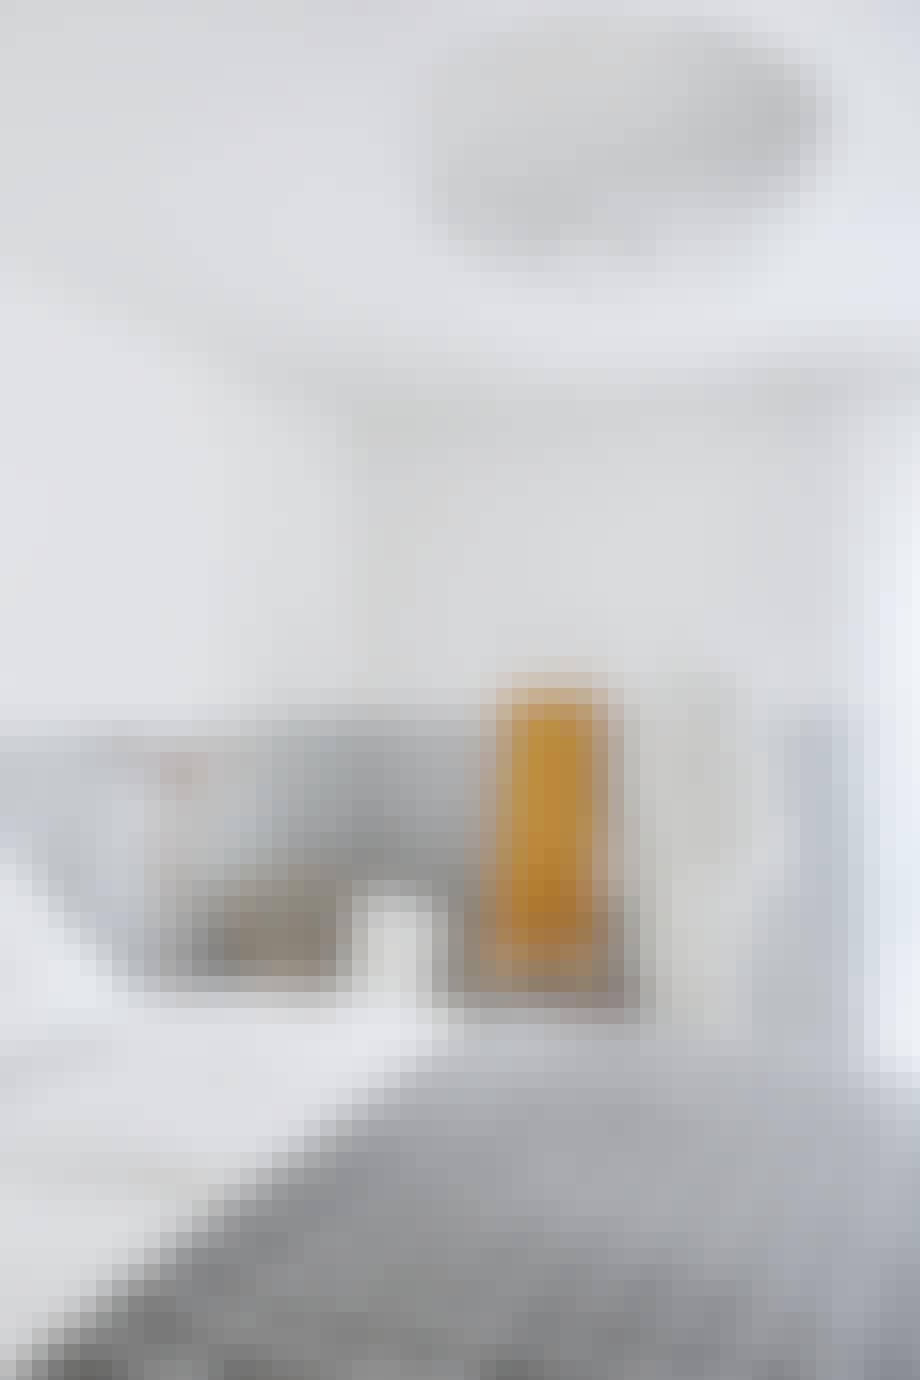 soveværelse minimalistisk nordisk stil Sengetæppe fra HAY stol og tøjstativ IKEA